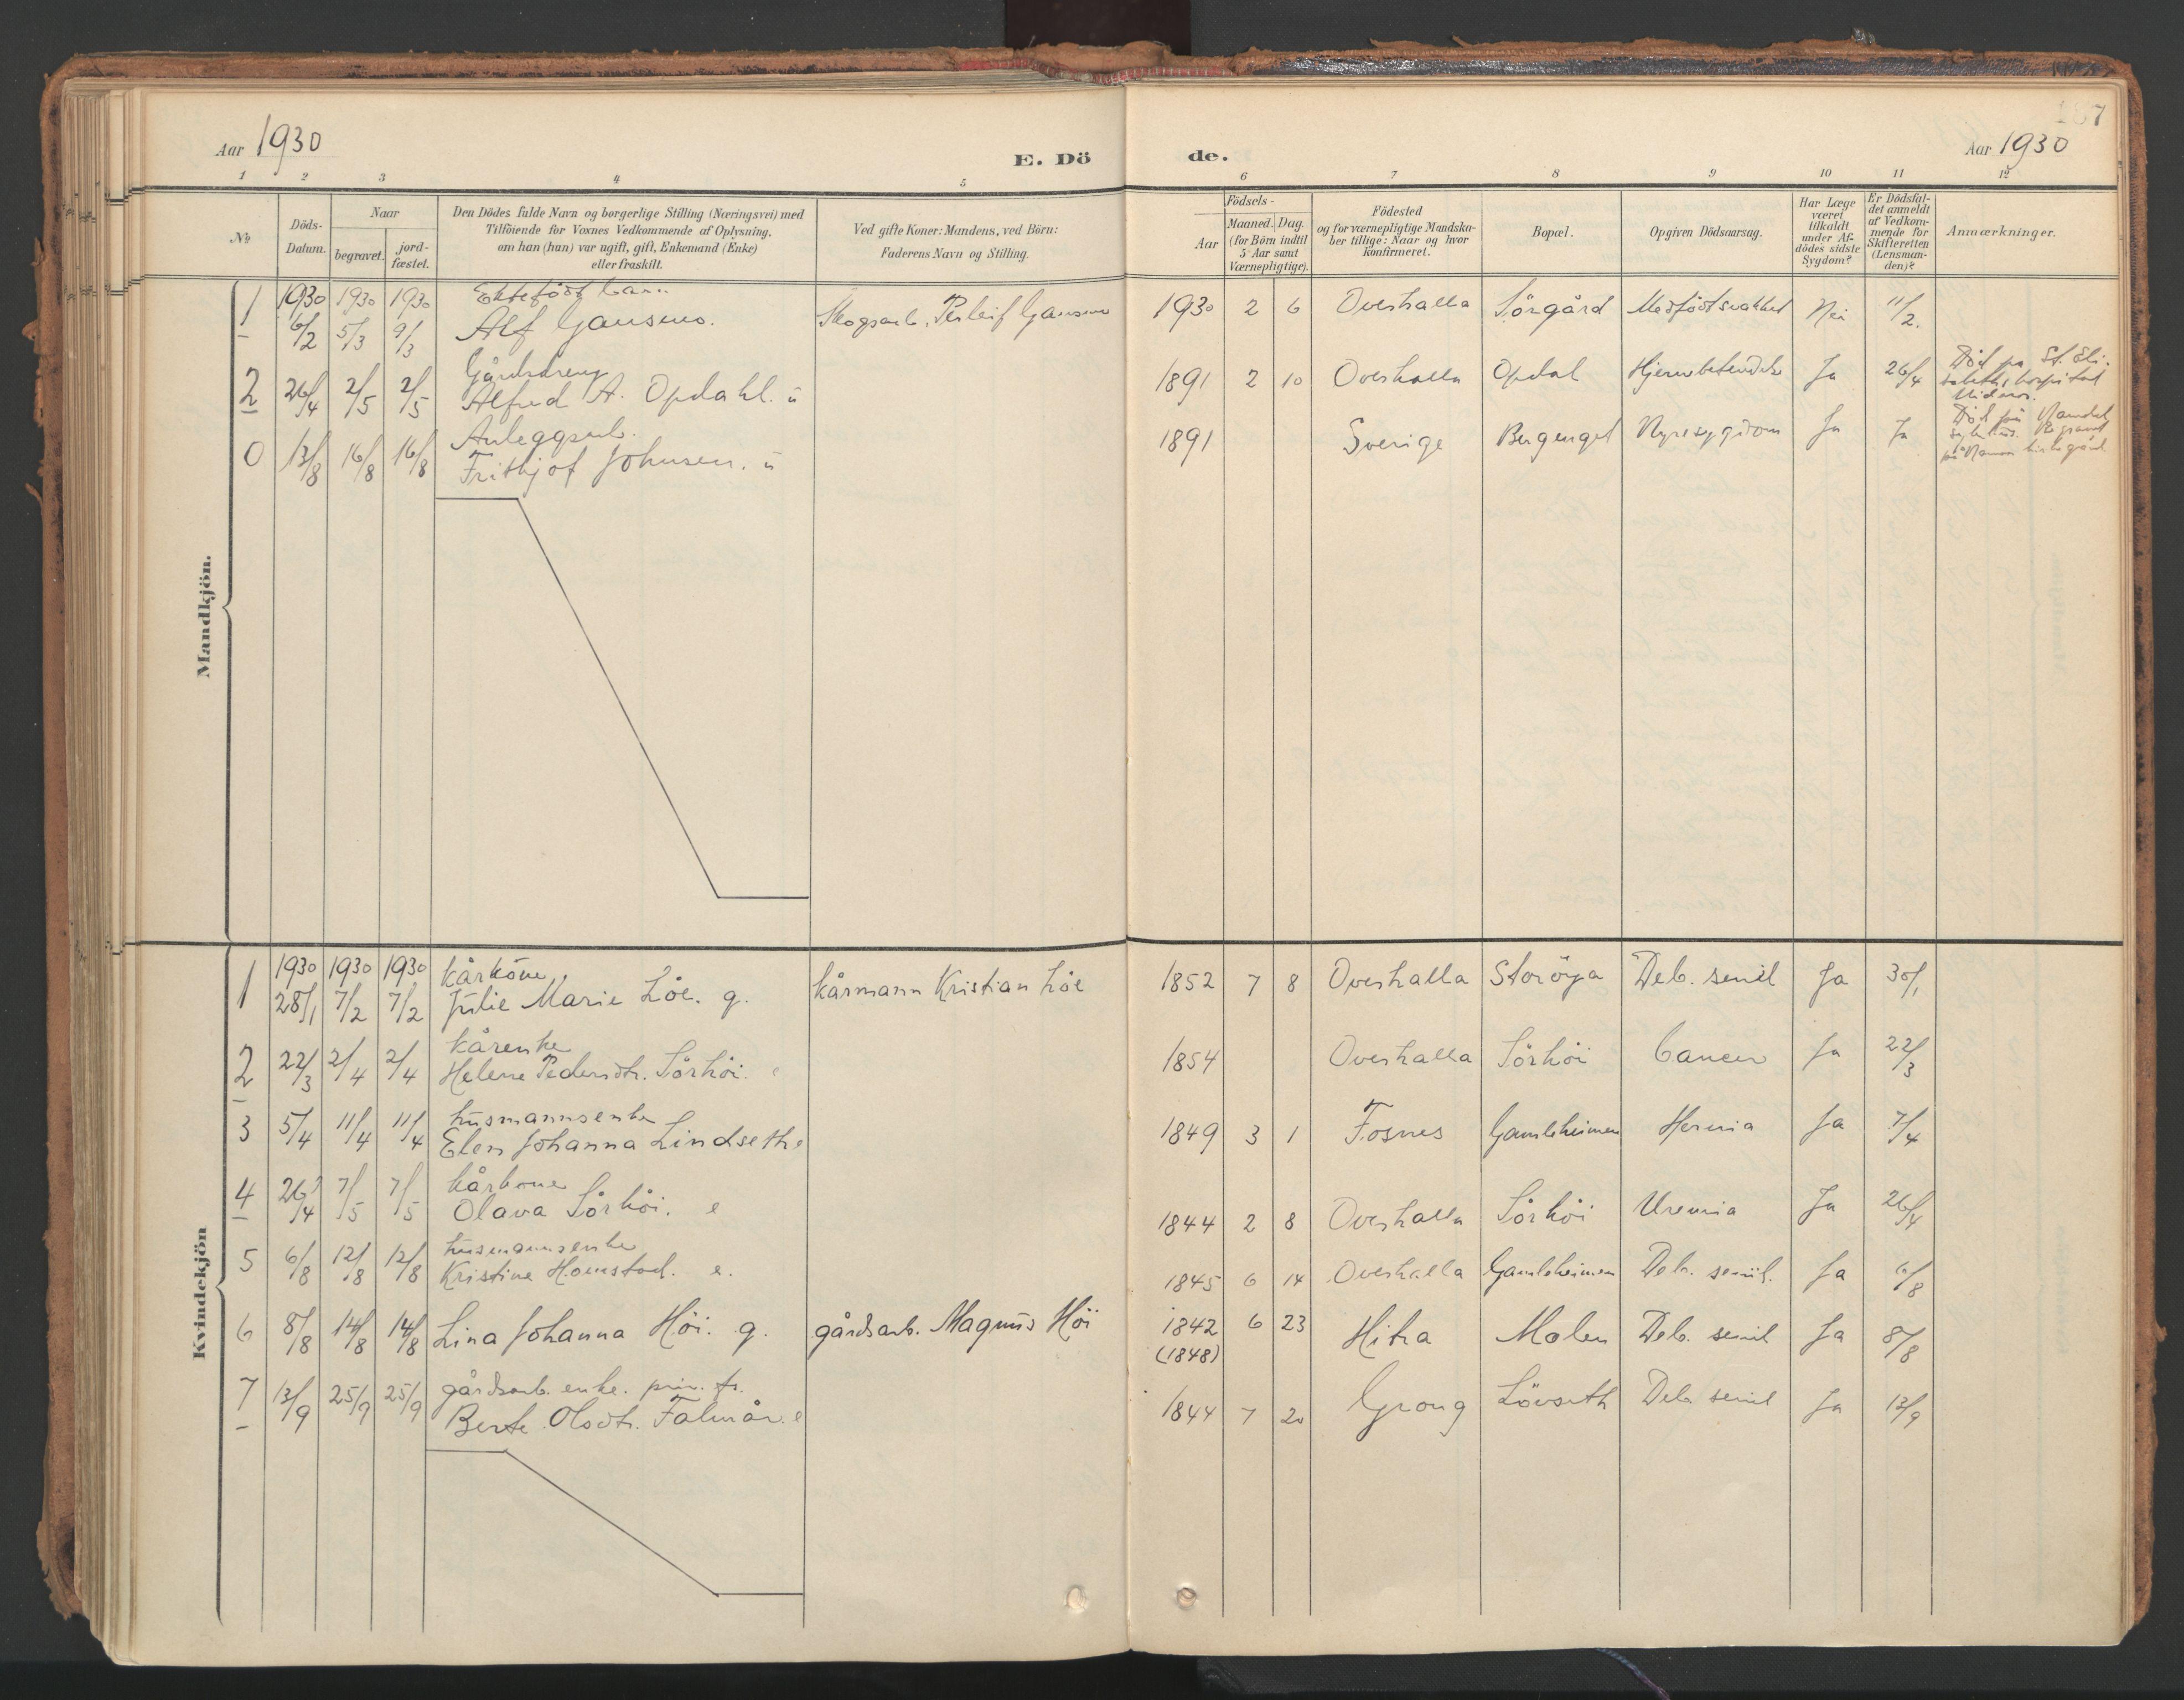 SAT, Ministerialprotokoller, klokkerbøker og fødselsregistre - Nord-Trøndelag, 766/L0564: Ministerialbok nr. 767A02, 1900-1932, s. 187